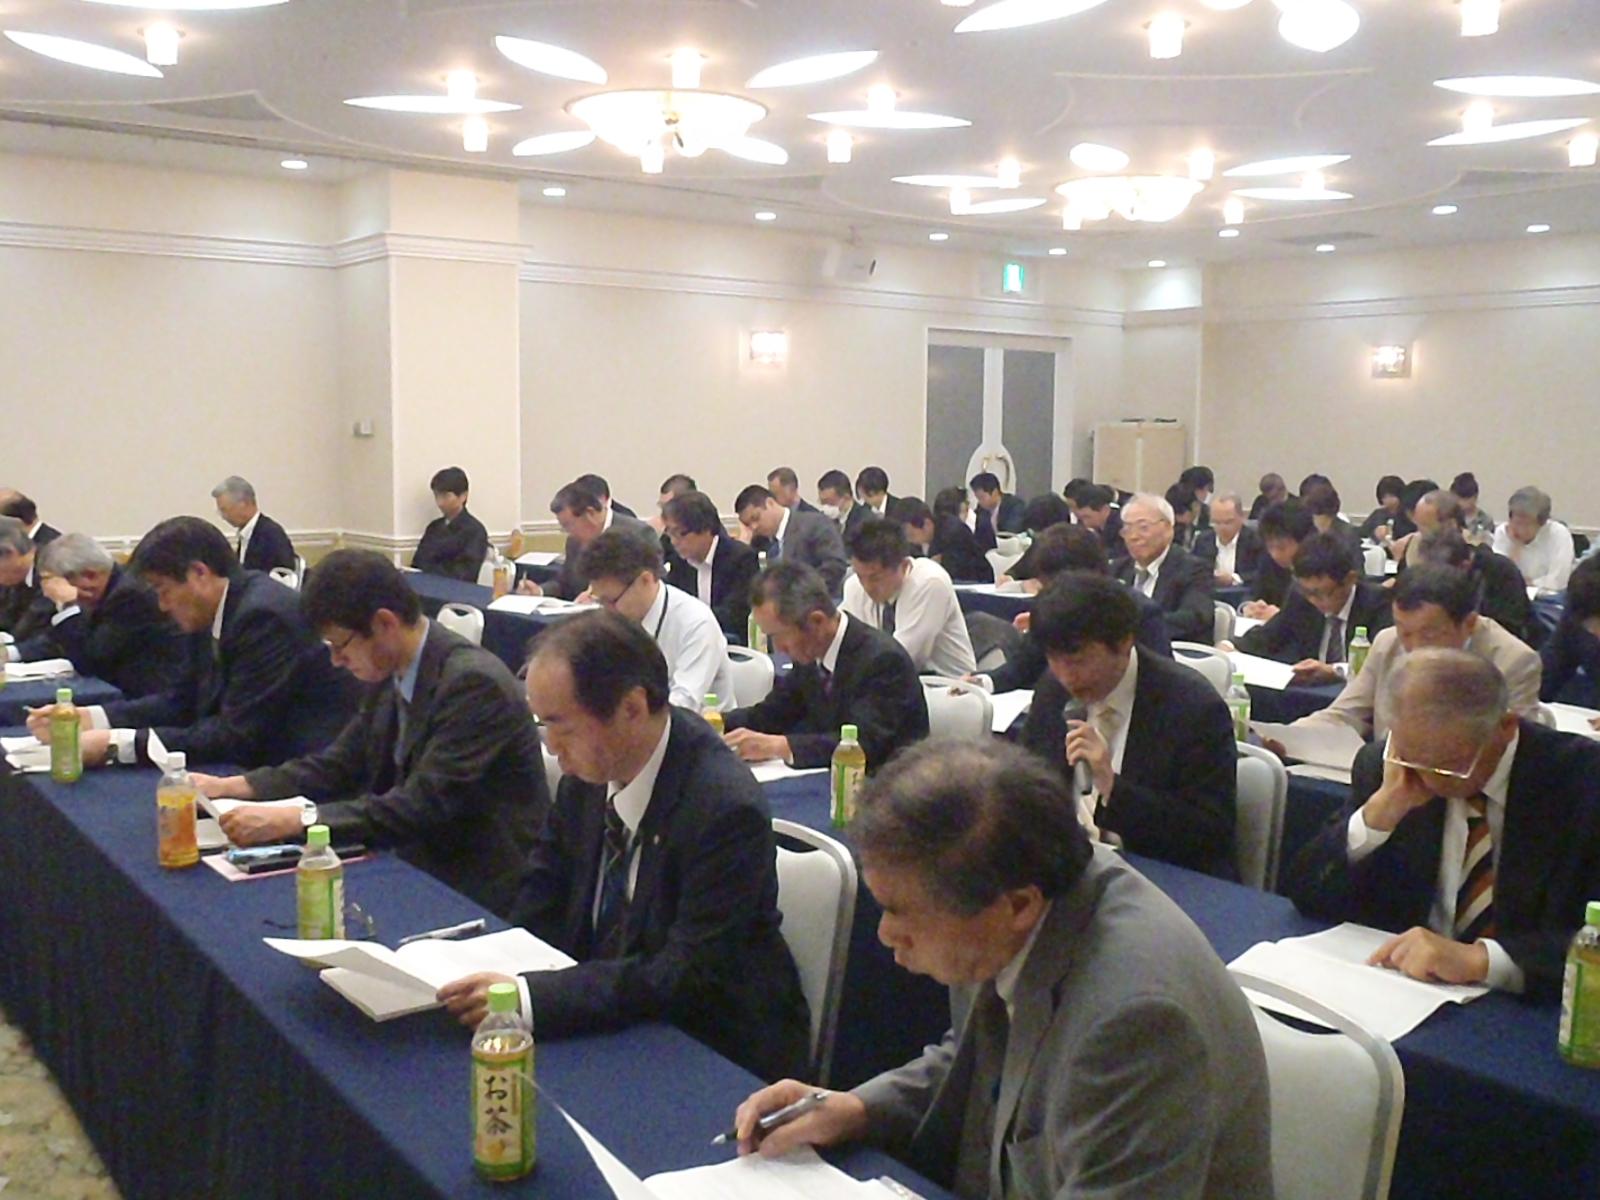 第111回「安全衛生管理者会議」が開催されました。